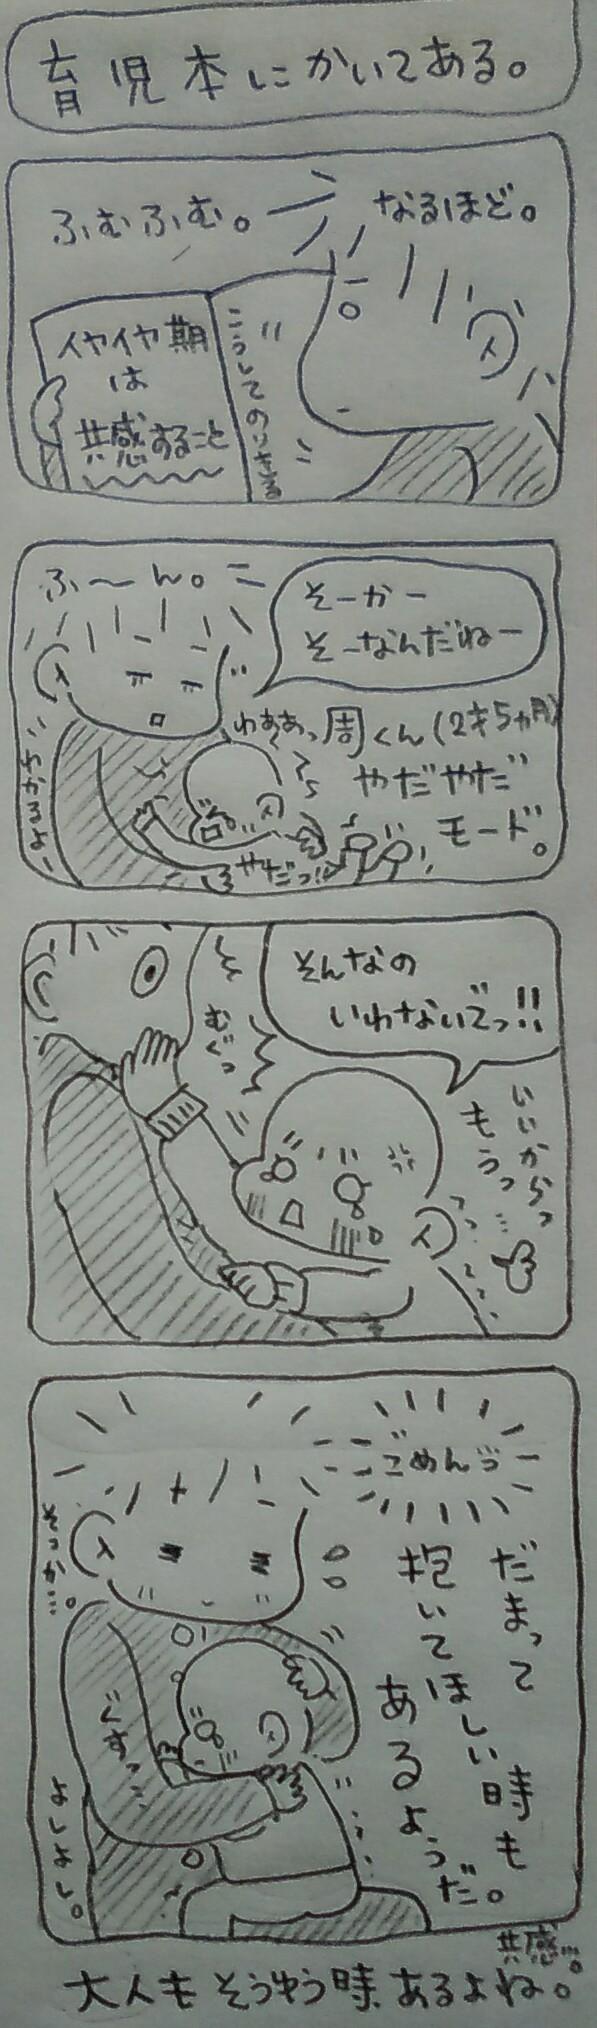 子育てマンガ イヤイヤ期 育児書 マニュアル